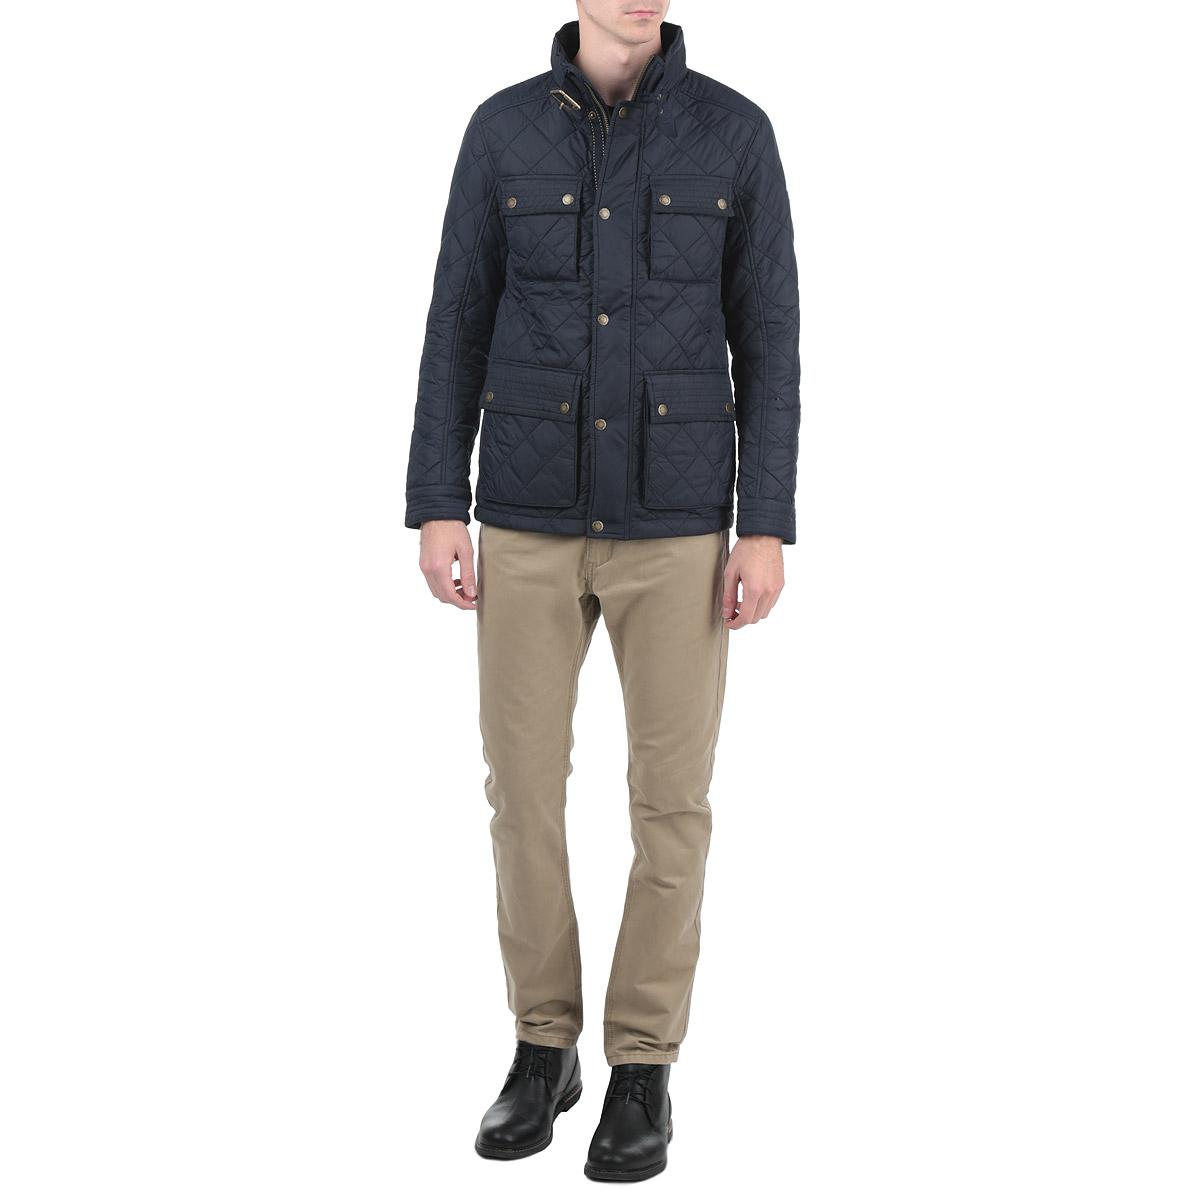 Куртка мужская. 3522267.00.103522267.00.10Стильная и легкая мужская куртка Tom Tailor отлично подойдет для прохладной погоды. Модель прямого кроя с воротником-стойкой застегивается на застежку-молнию с защитой подбородка и дополнительно ветрозащитным клапаном на металлические кнопки. Куртка оформлена стеганой отстрочкой и дополнена четырьмя карманами на кнопках. На внутренней стороне - накладной карман на липучке. Воротник изделия дополнен ремешком на пряжке, манжеты рукавов застегиваются на кнопки. Утеплитель выполнен из синтепона. Эта модная куртка послужит отличным дополнением к вашему гардеробу.